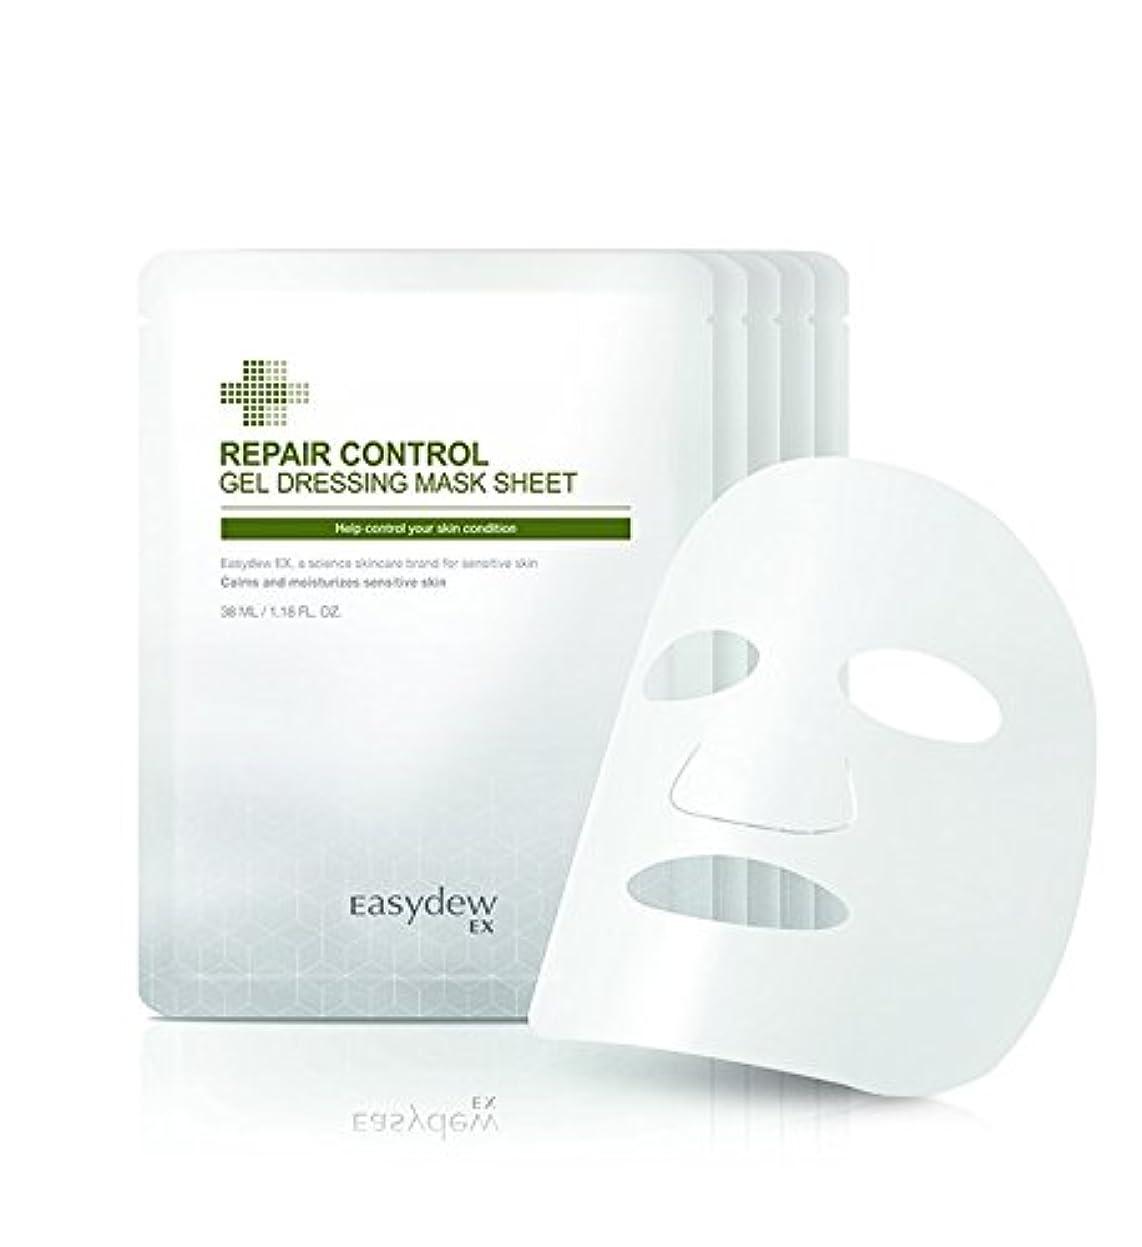 内向きスリーブ自分の力ですべてをするデウン製薬 リペア コントロール ゲルドレッシング マスクシートー38ml X 5枚セット. Repair Control Gel Dressing Mask Sheet 38ml X 5P set.